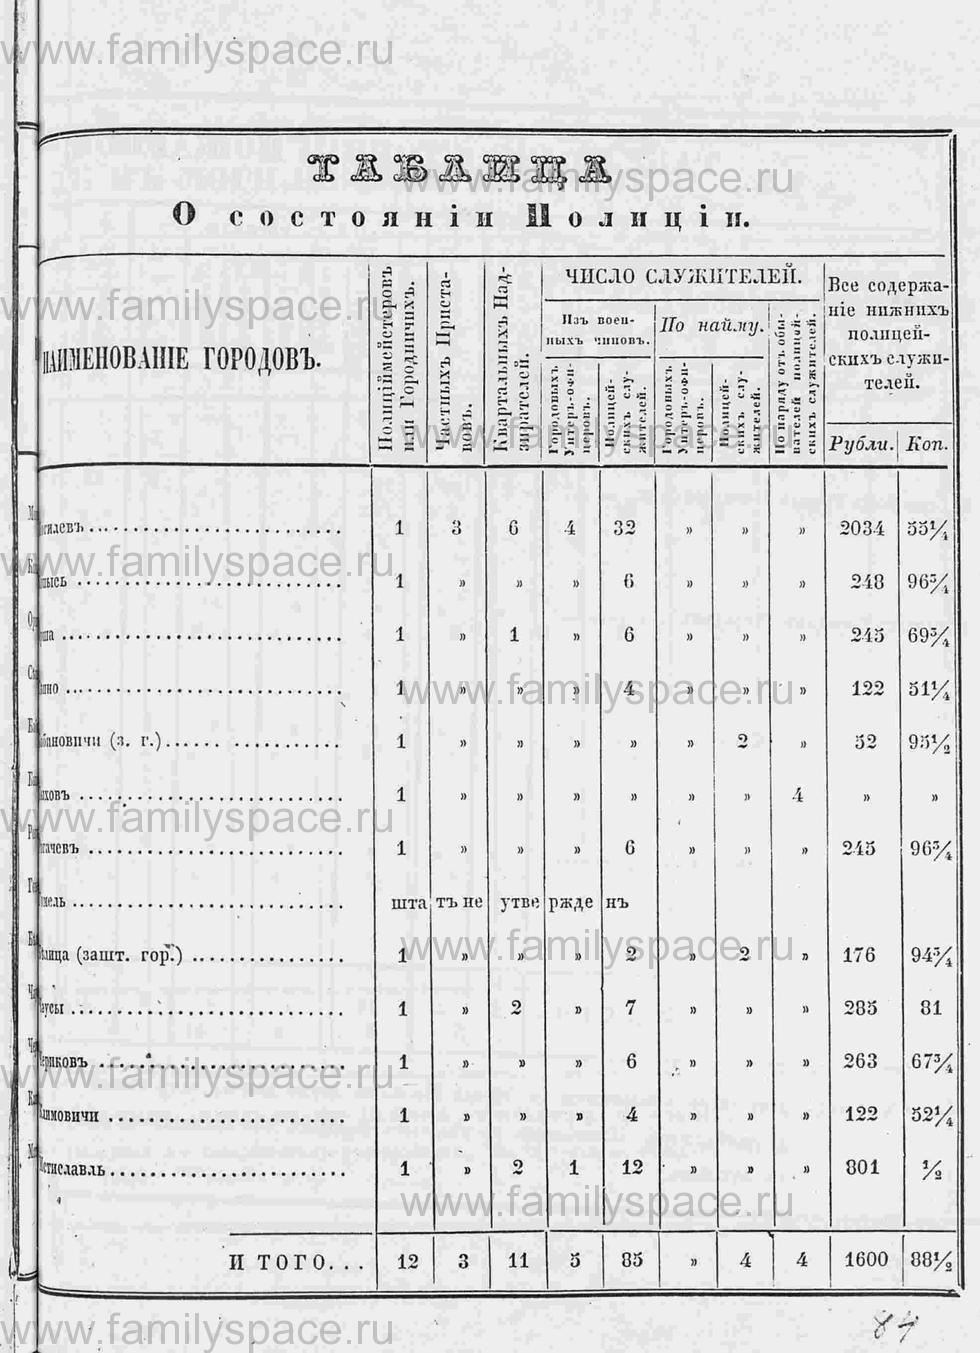 Поиск по фамилии - Памятная книга за 1853 год по Могилёвской губернии, страница 101